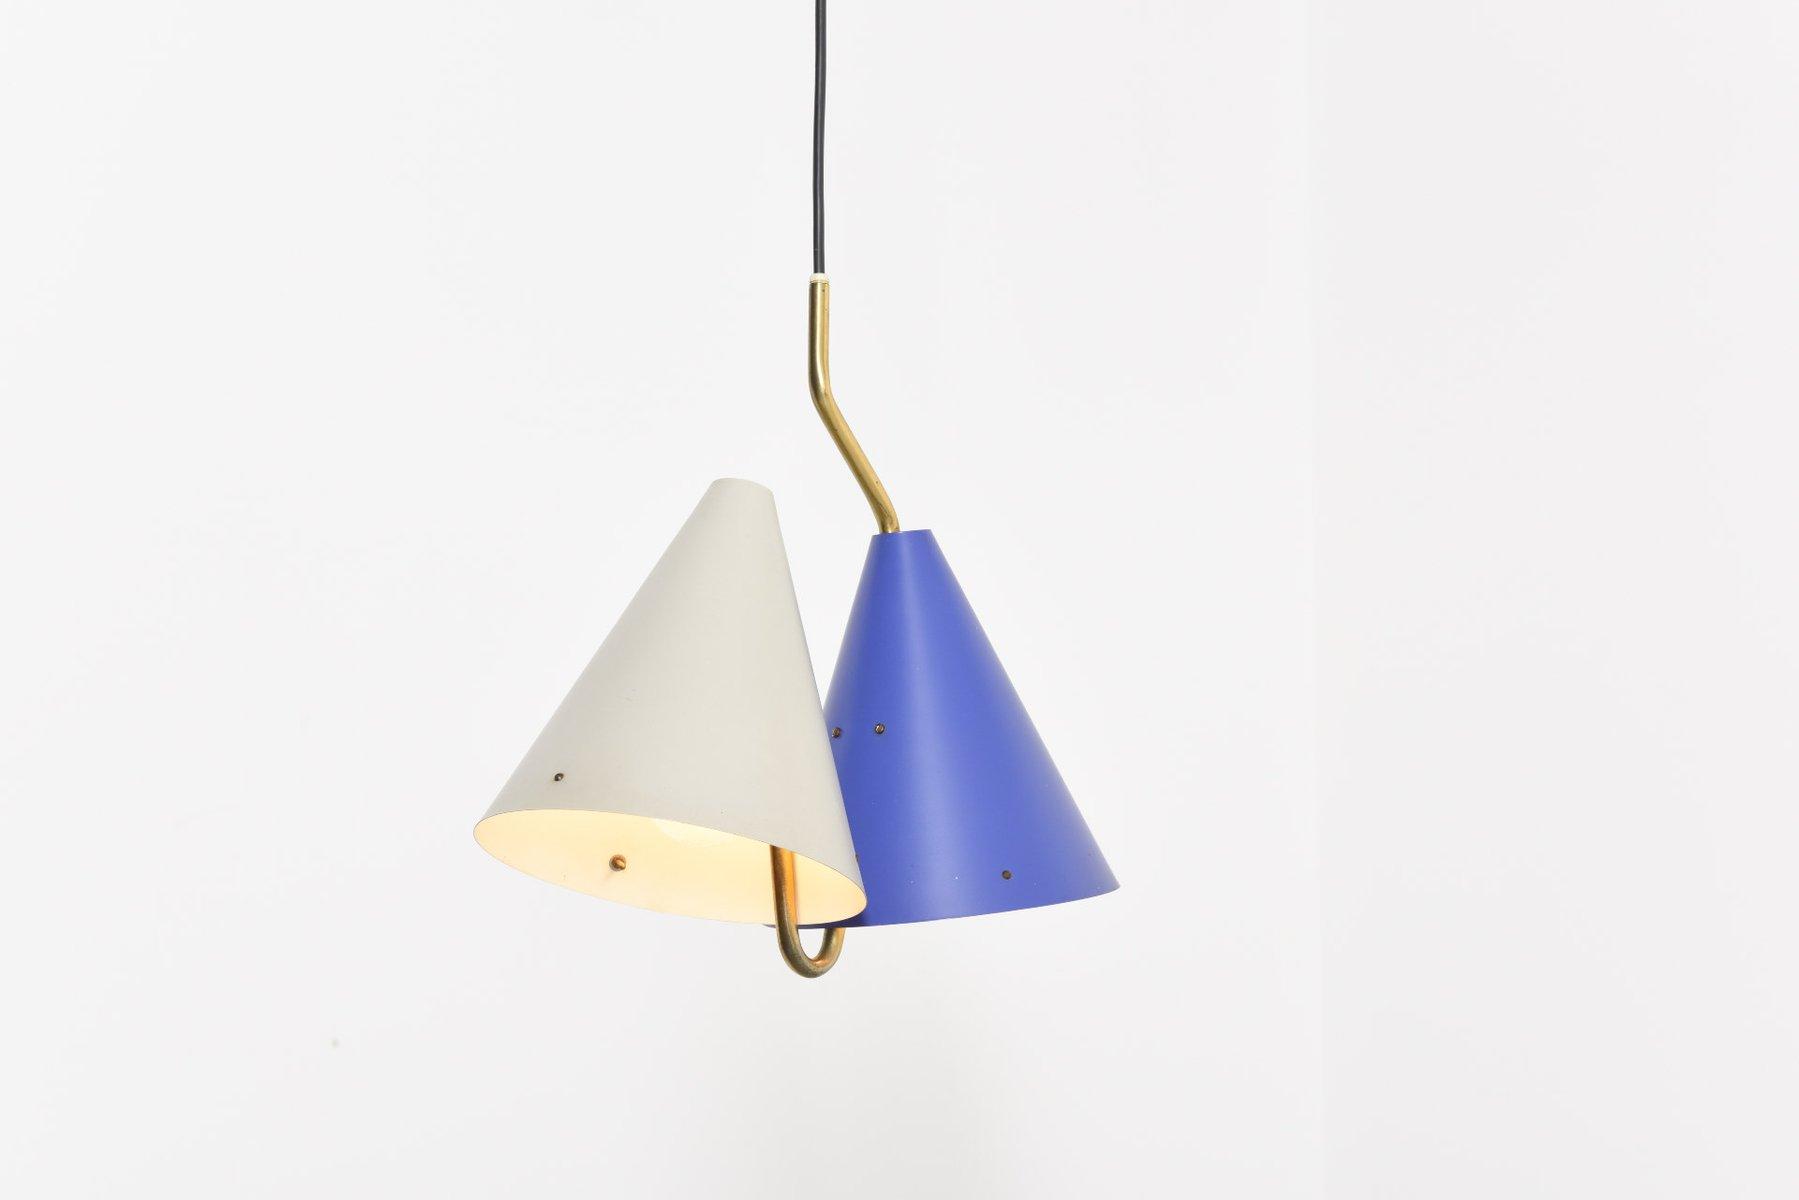 Hängelampe mit Zwei Leuchten in Blau & Grau von Svend Aage Holm Sørens...